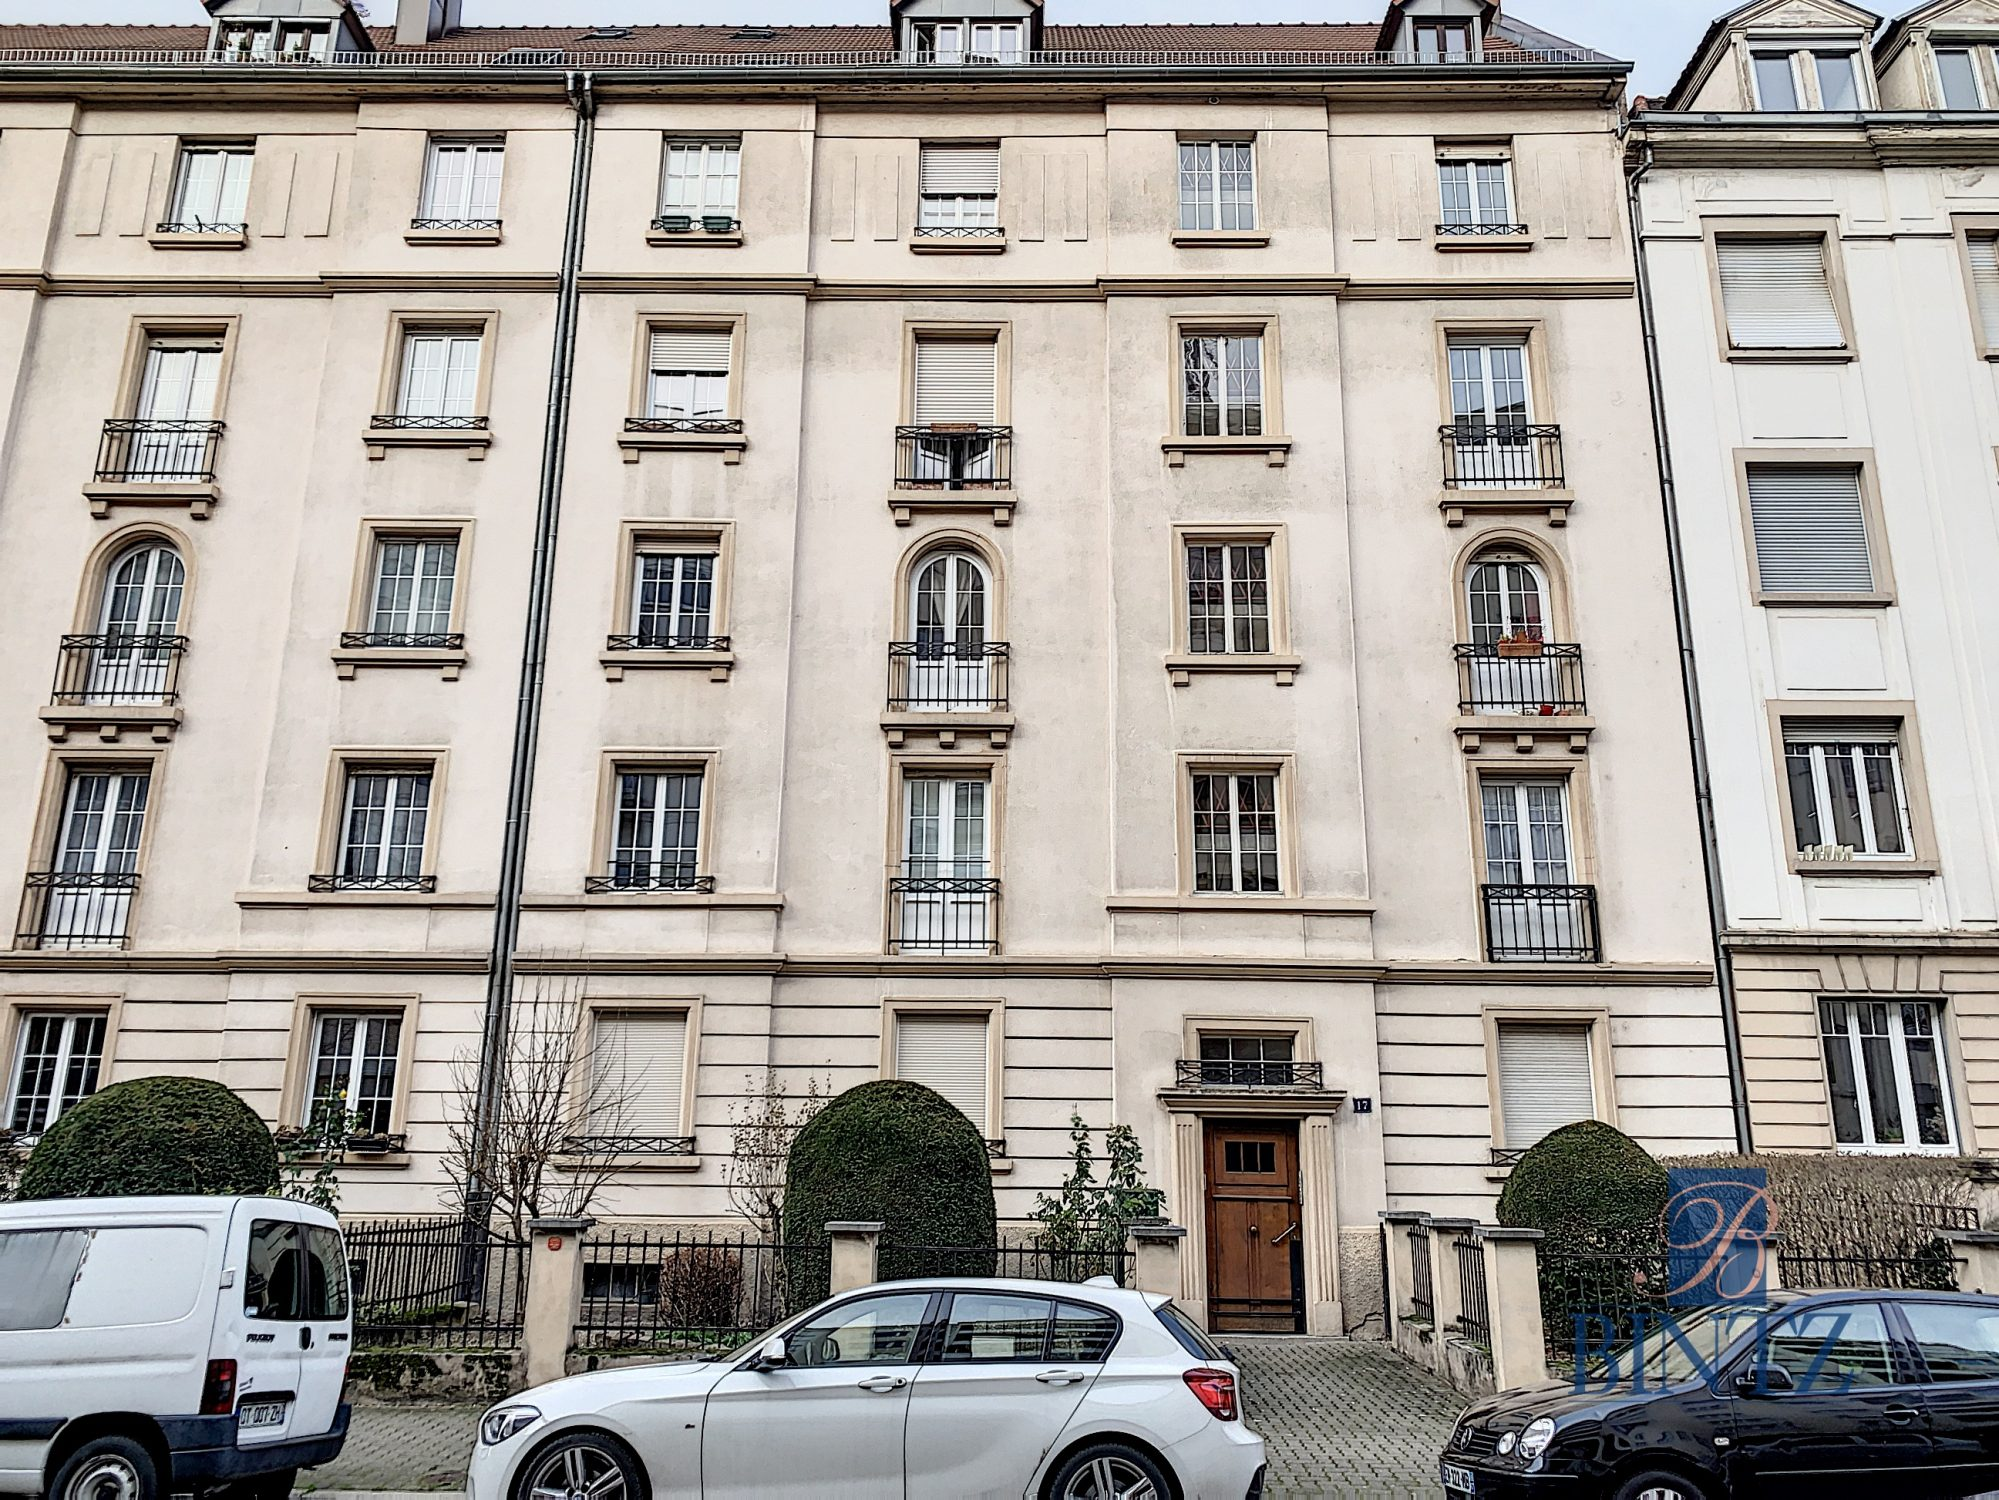 Appartement 3 pièces 69m2 dans le quartier des XV - Devenez propriétaire en toute confiance - Bintz Immobilier - 13